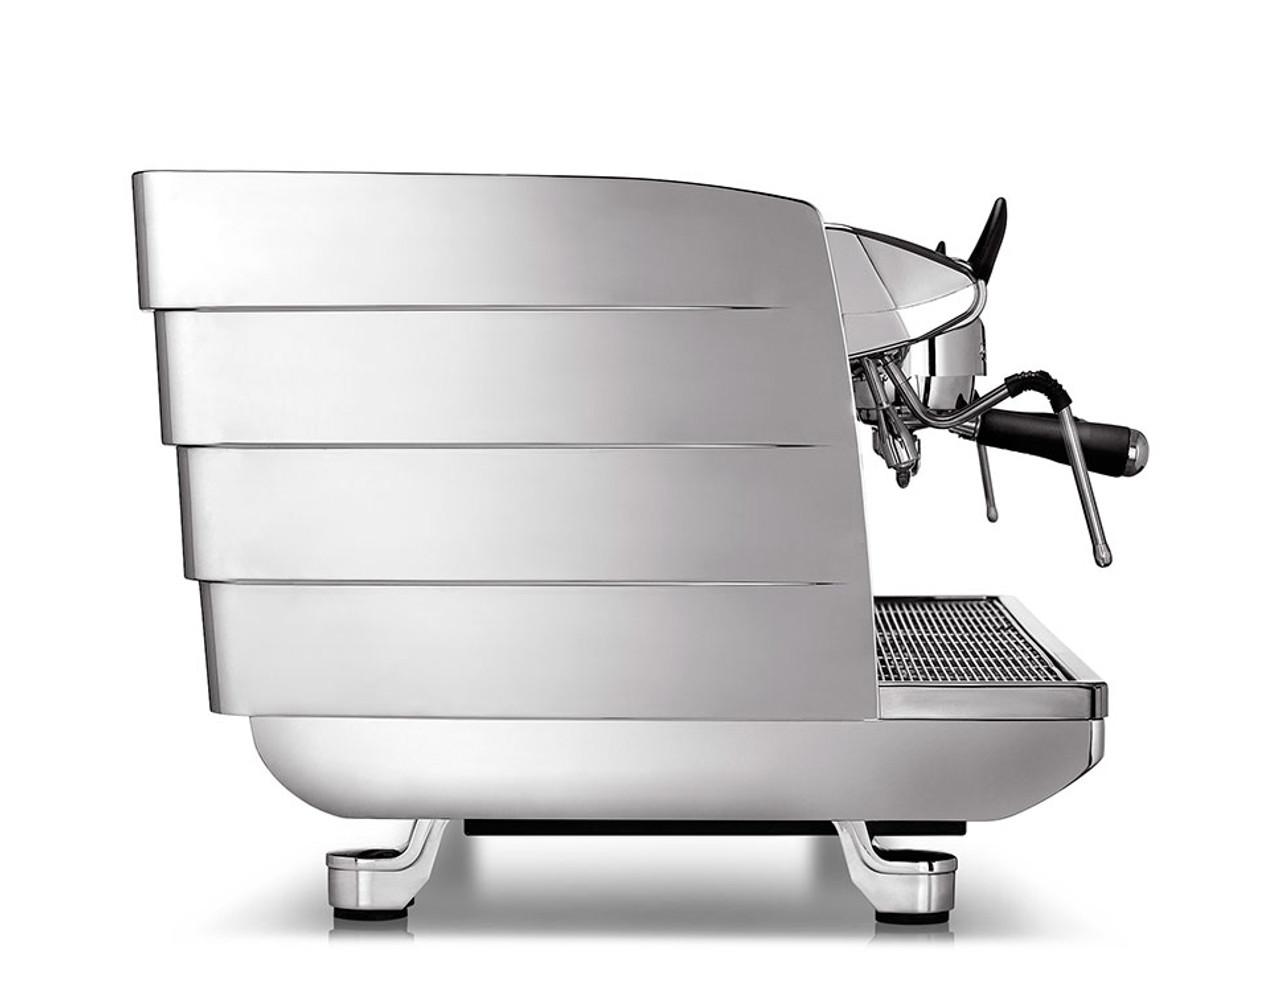 Victoria Arduino White Eagle T3 2 Group Steelux Espresso Machine